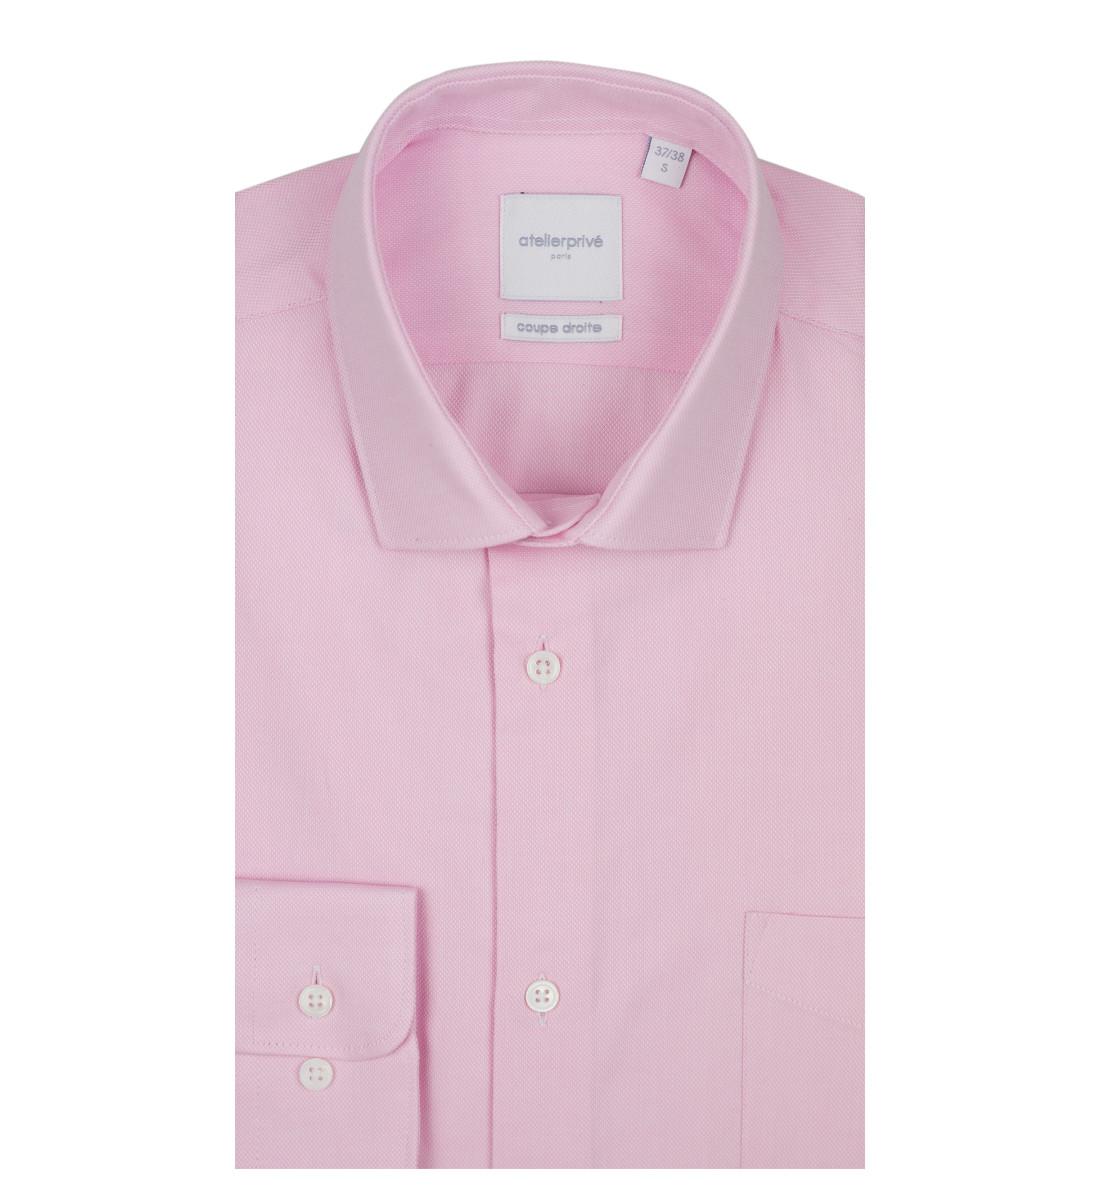 Chemise coupe droite en tissu pointe diamantée ROSE